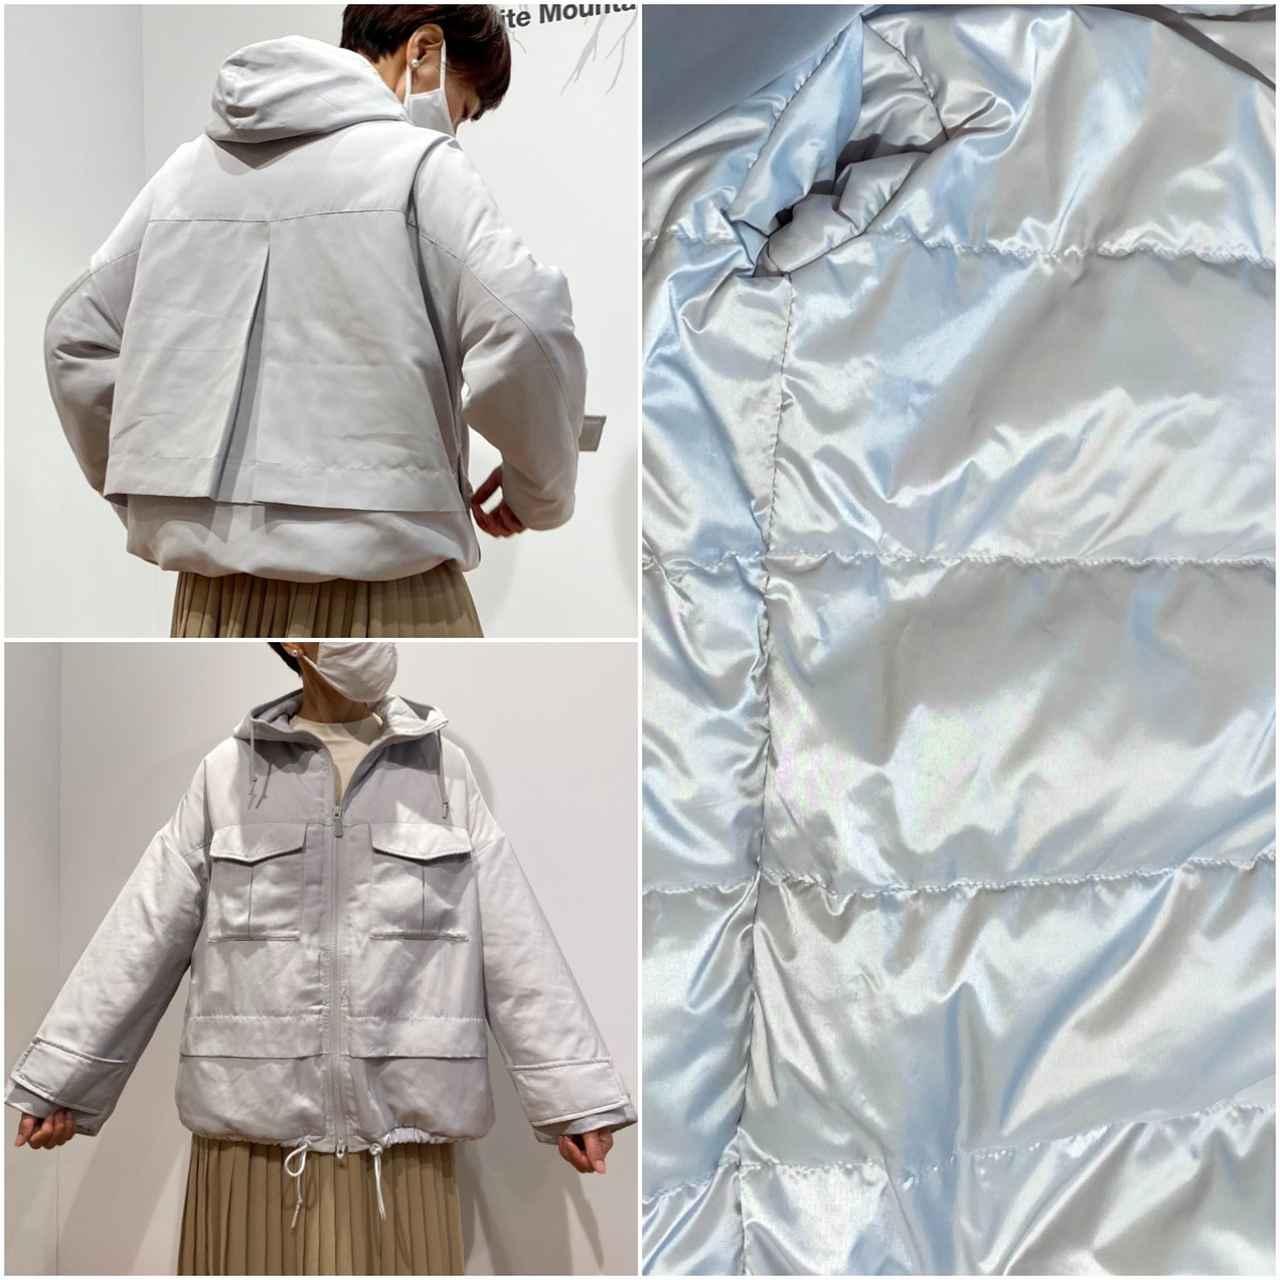 画像2: ハイブリッドダウンオーバーサイズパーカ¥9,990/ユニクロ(ユニクロ アンド ホワイトマウンテニアリング) 出典:fashion trend news